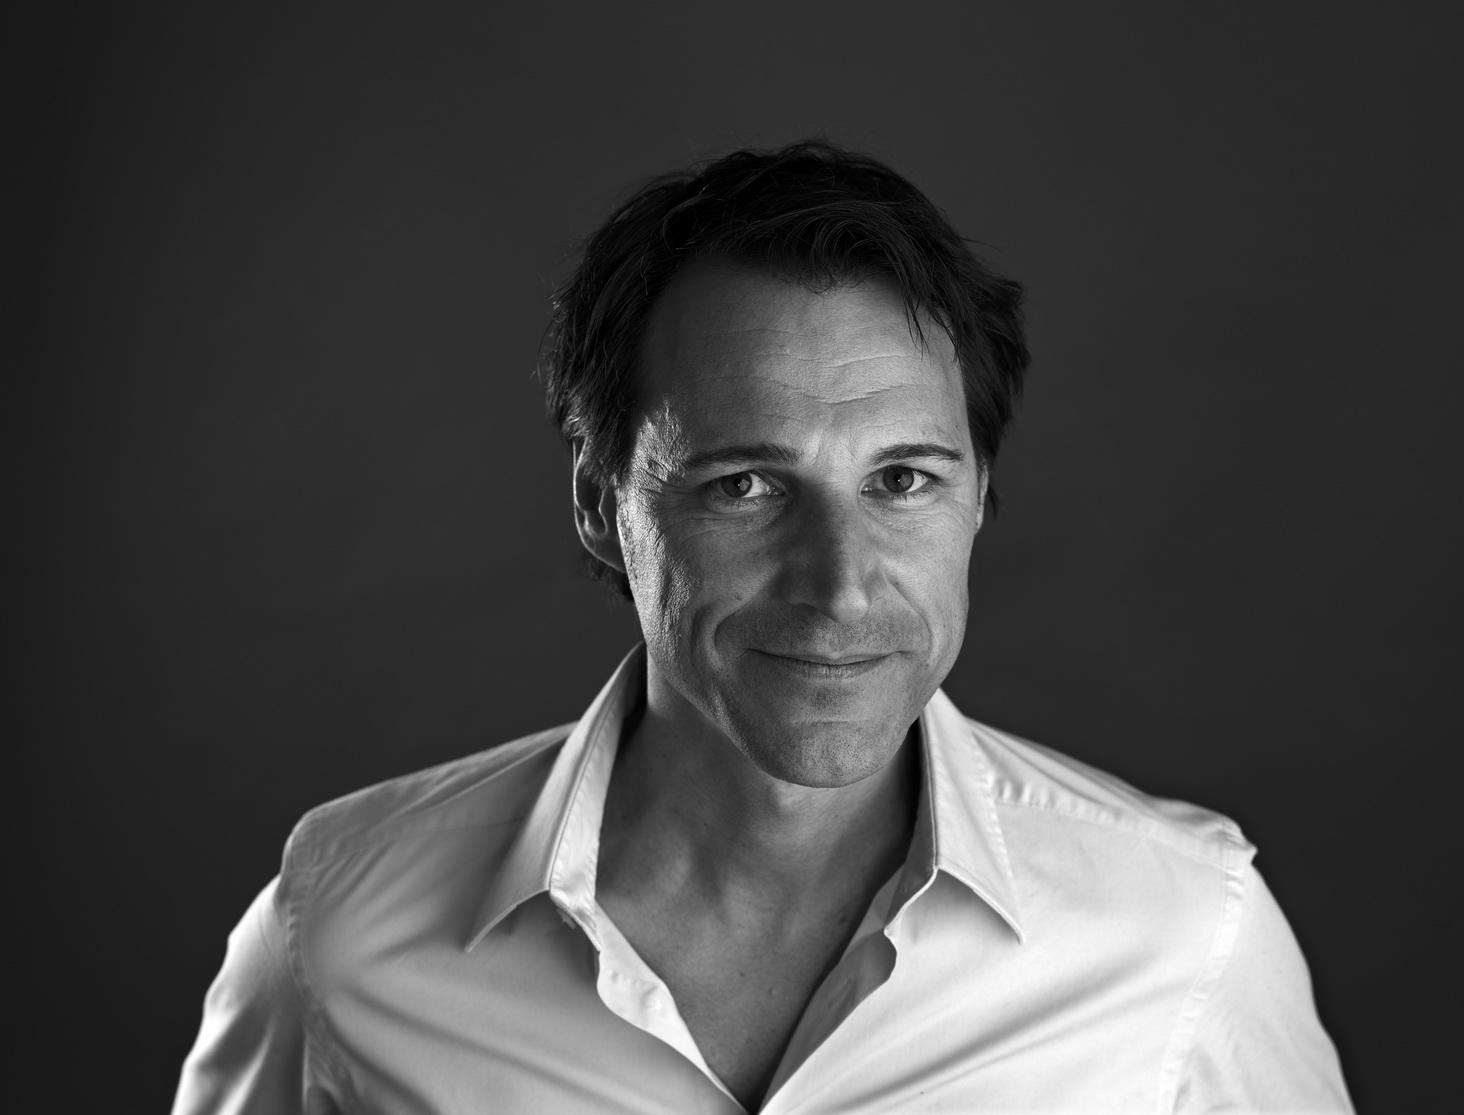 Dobelli's promotional portrait in 2010